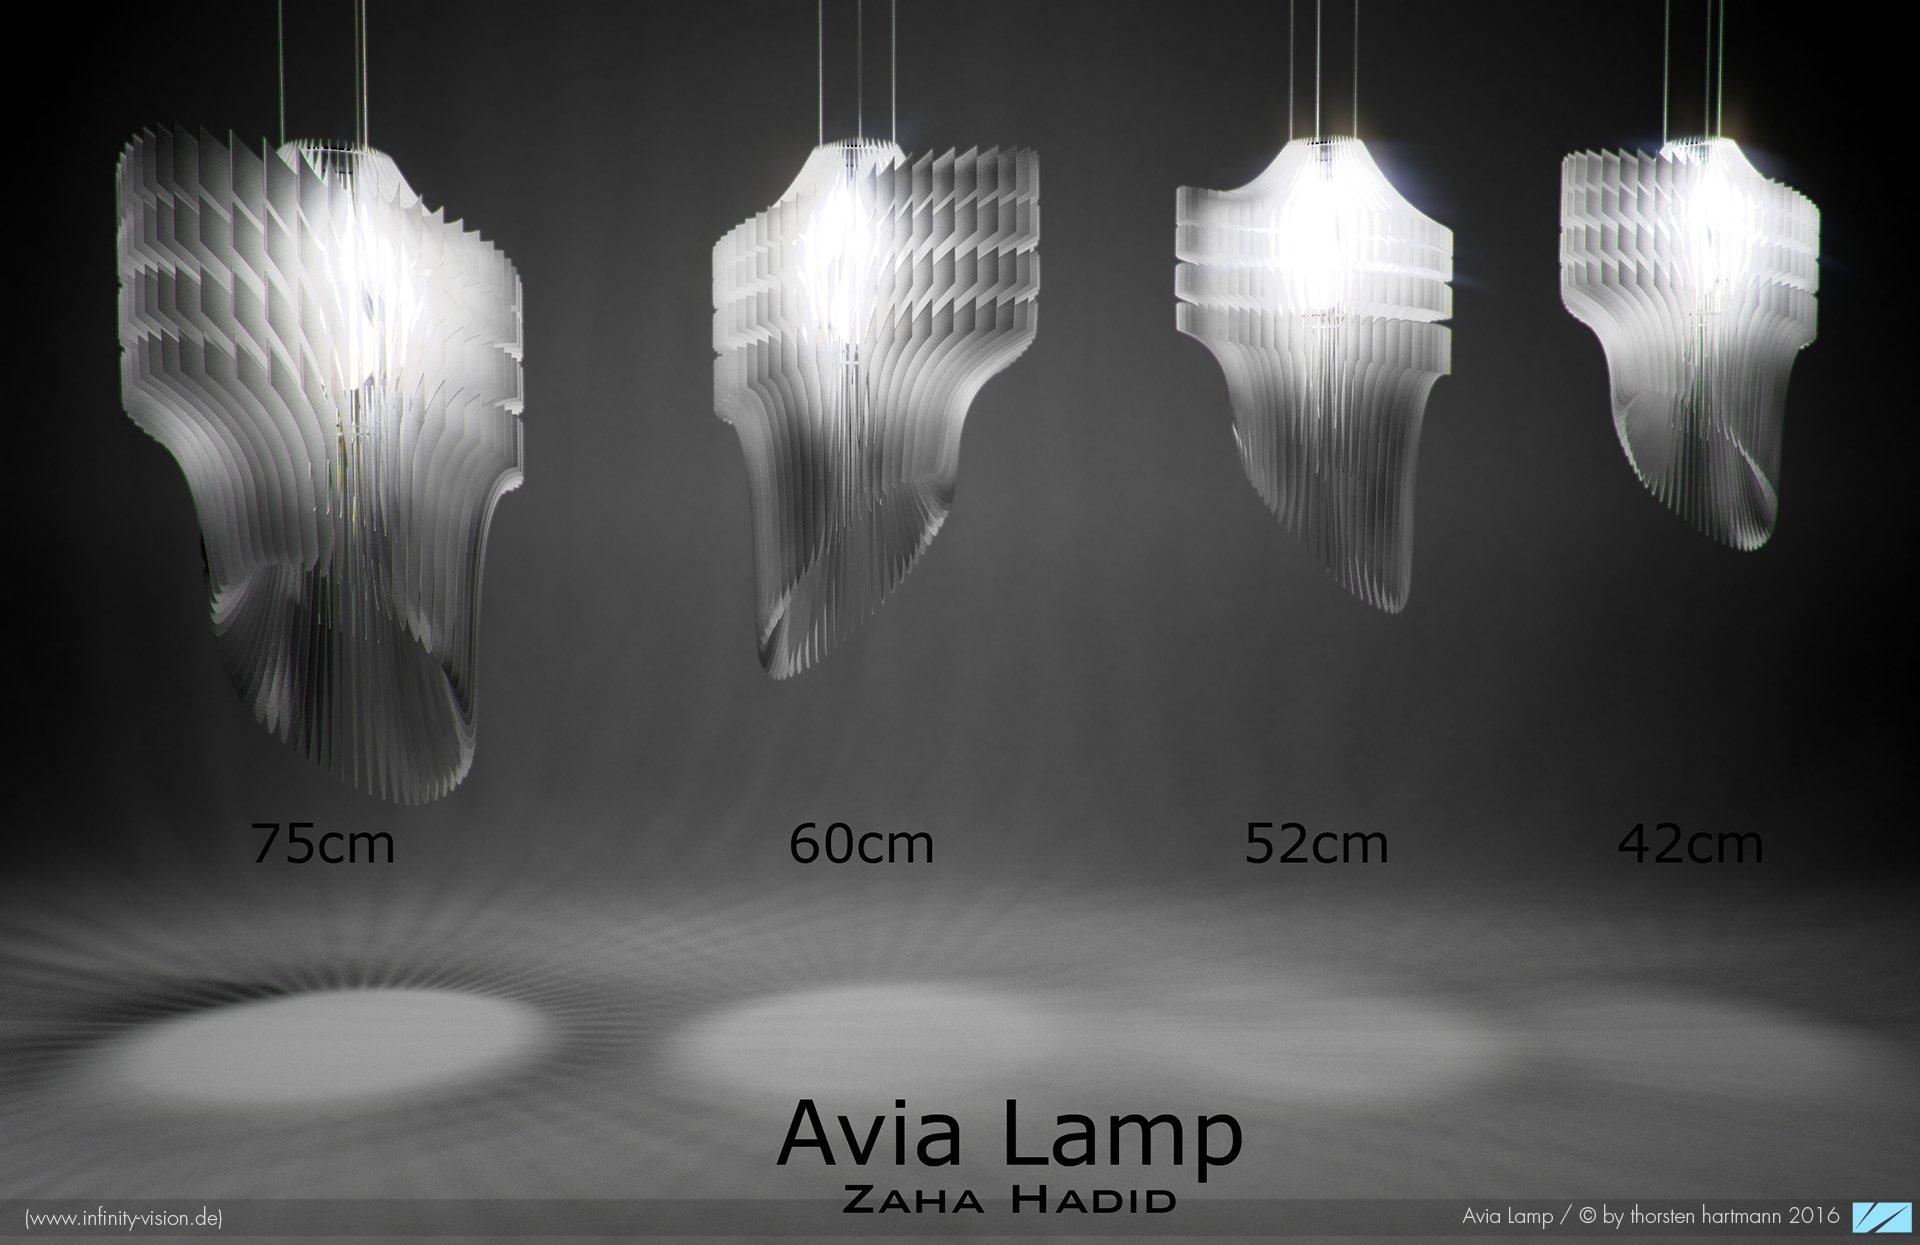 Avia Lamp